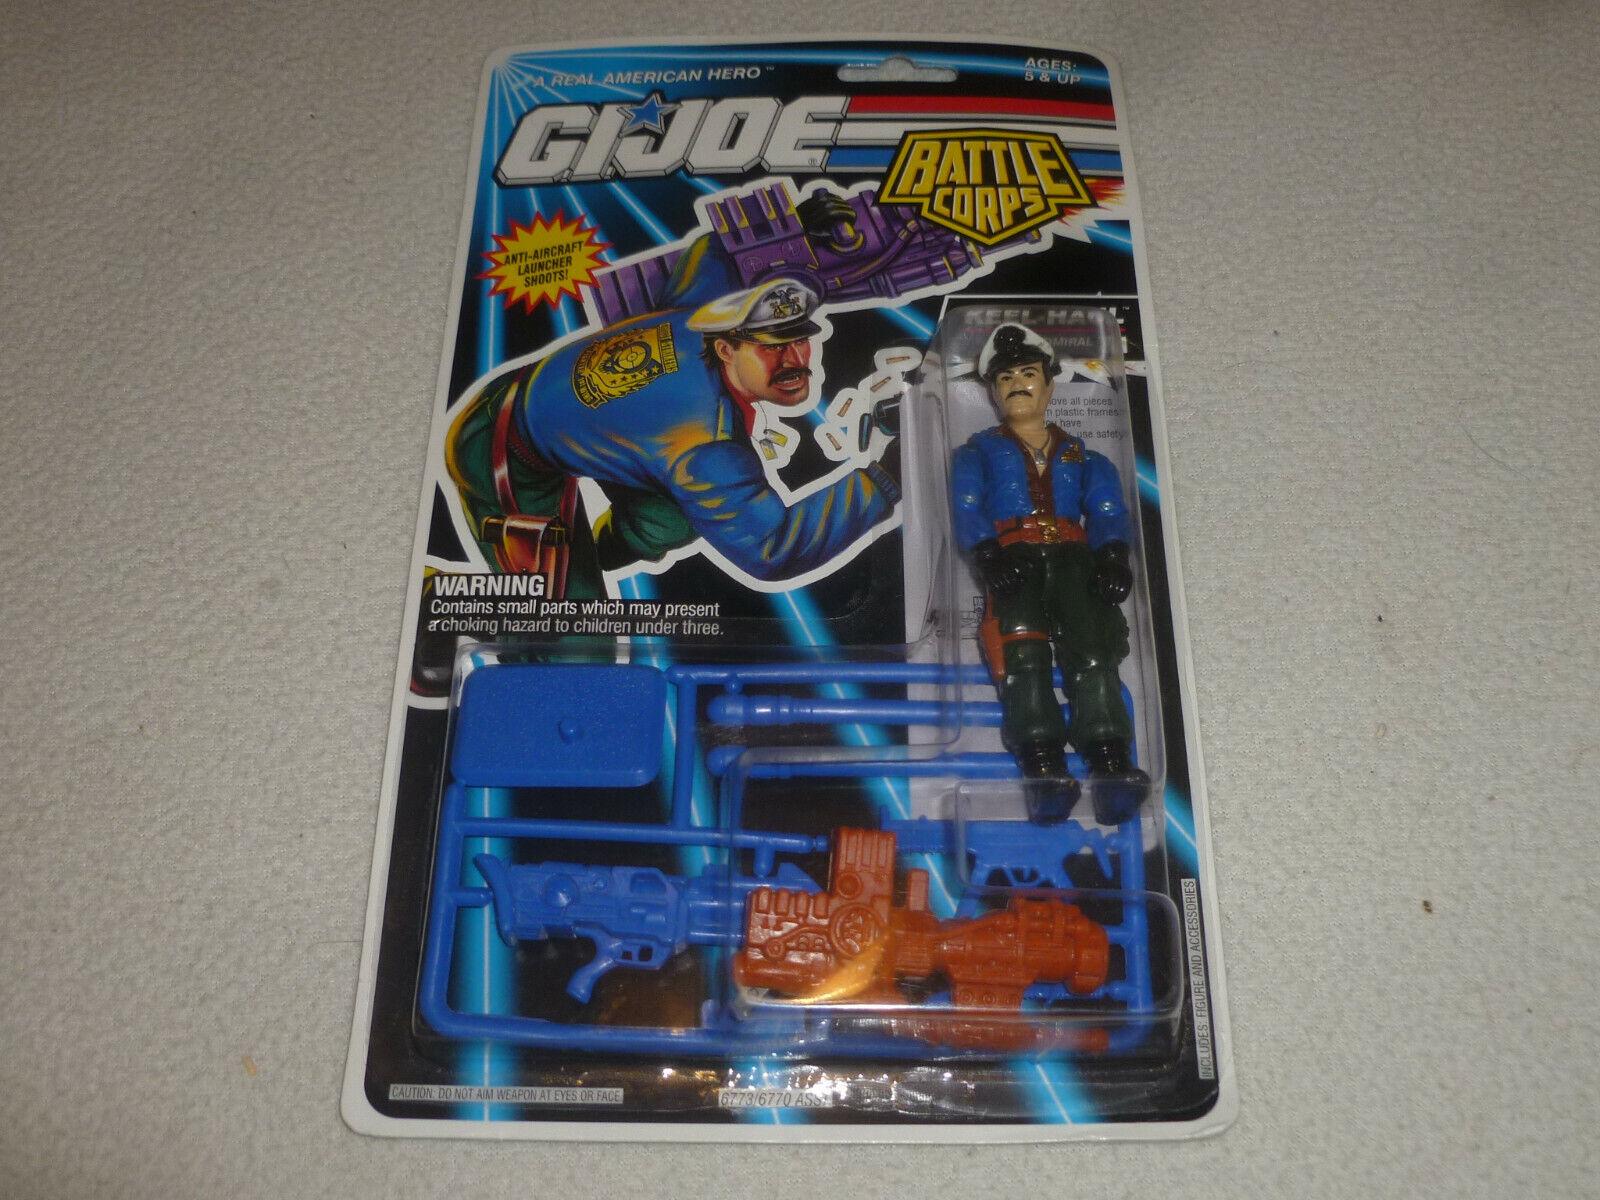 NEW ON CARD GI JOE BATTLE CORPS KEEL-HAUL FIGURE 1992 HASBRO NOC ADMIRAL VINTAGE